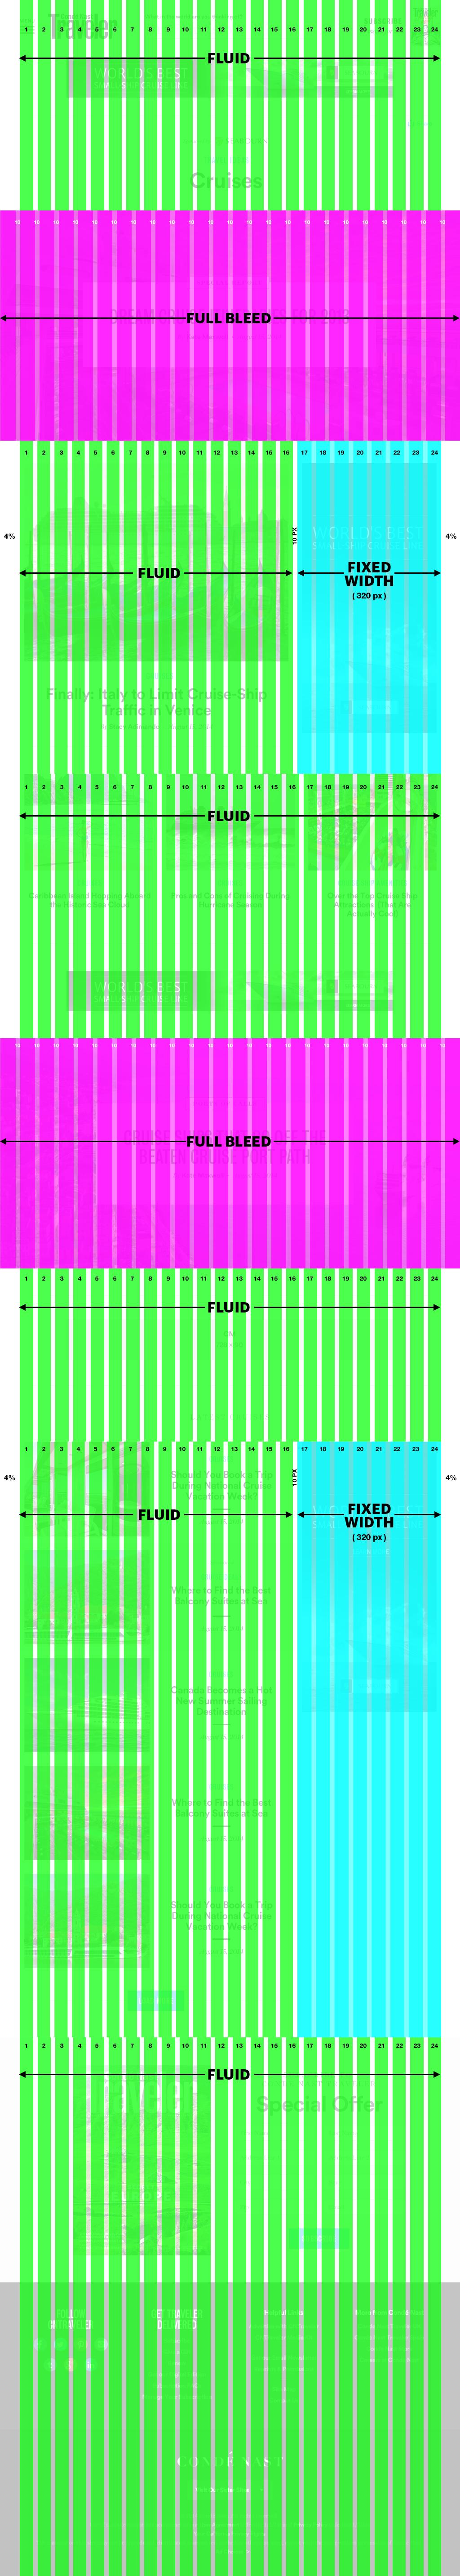 CNT_Sub_Channel_1024px_GRID.jpg